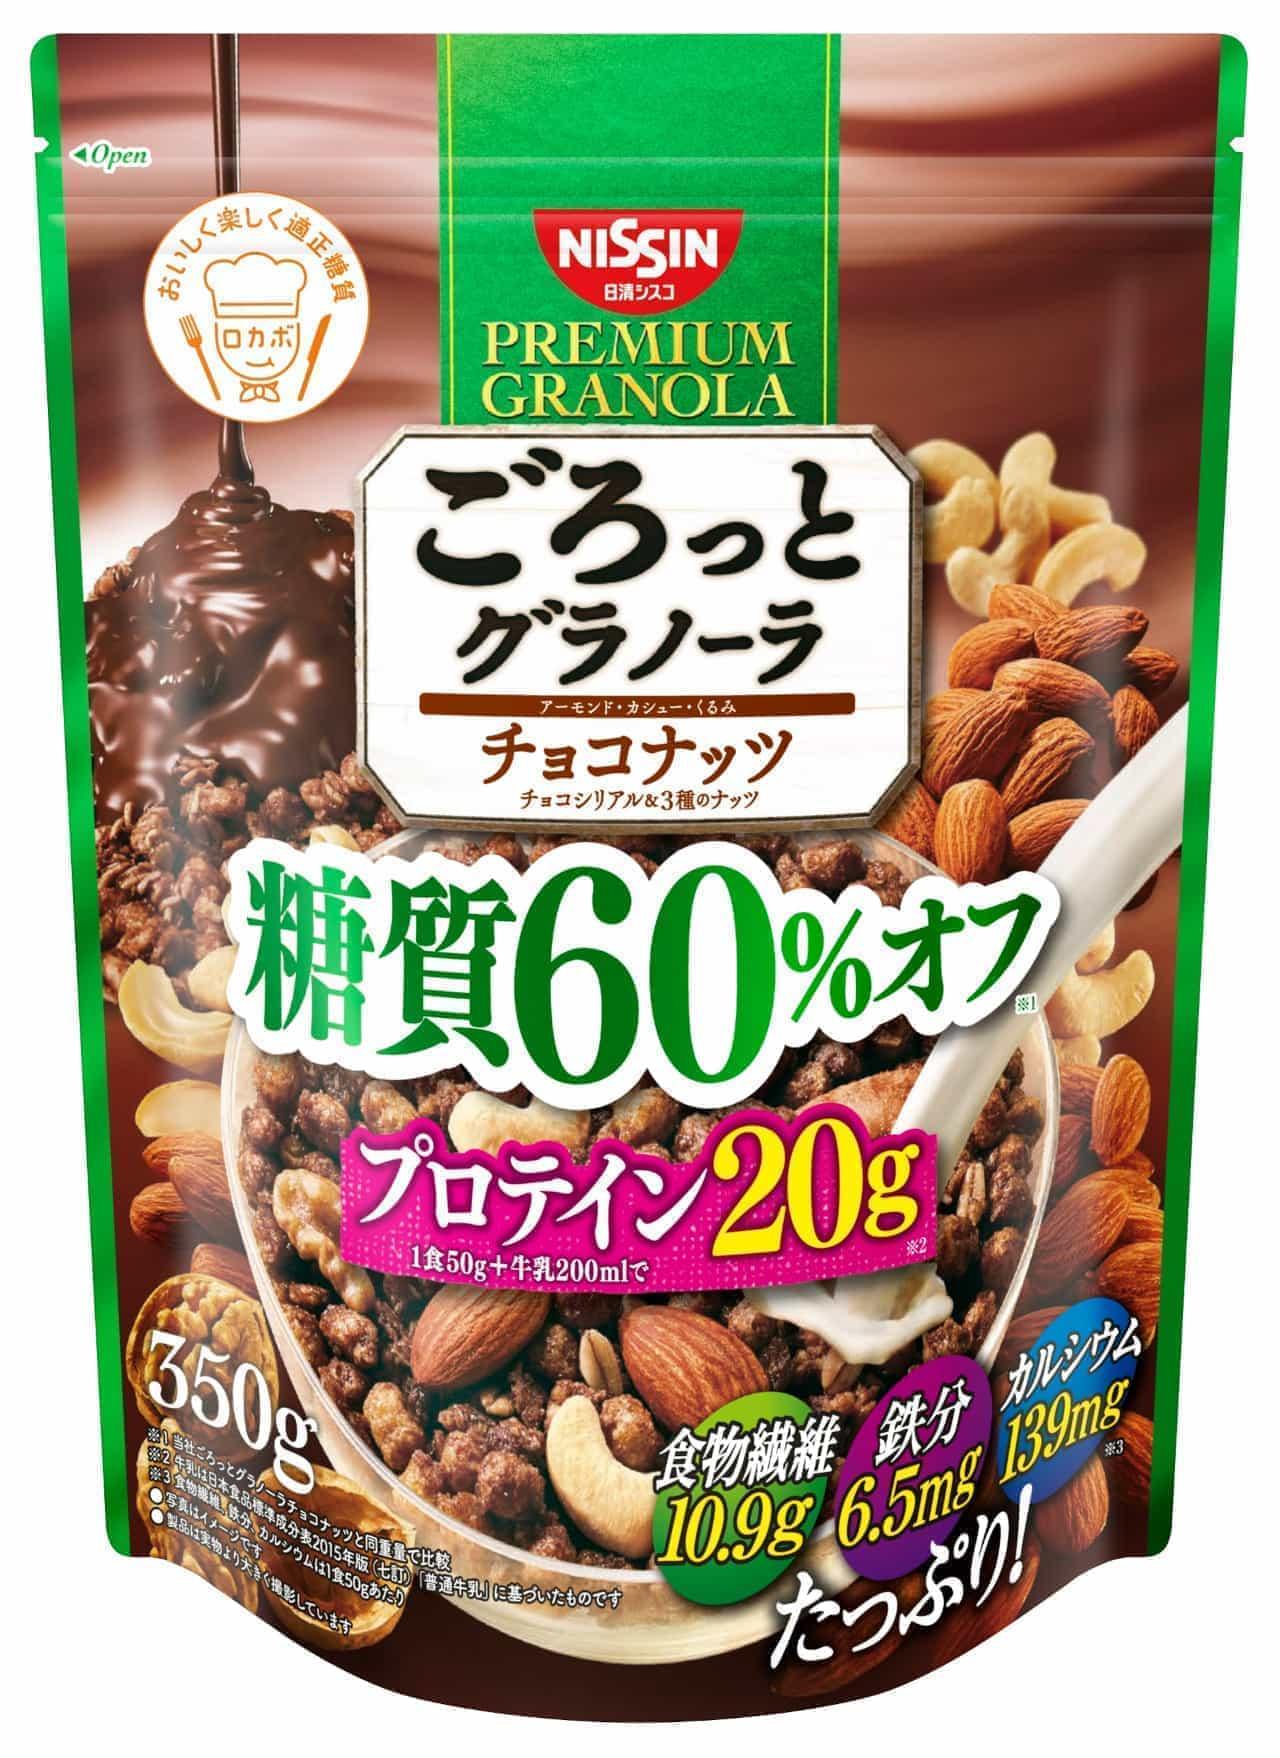 「ごろっとグラノーラ 糖質60%オフ チョコナッツ 350g」日清シスコから